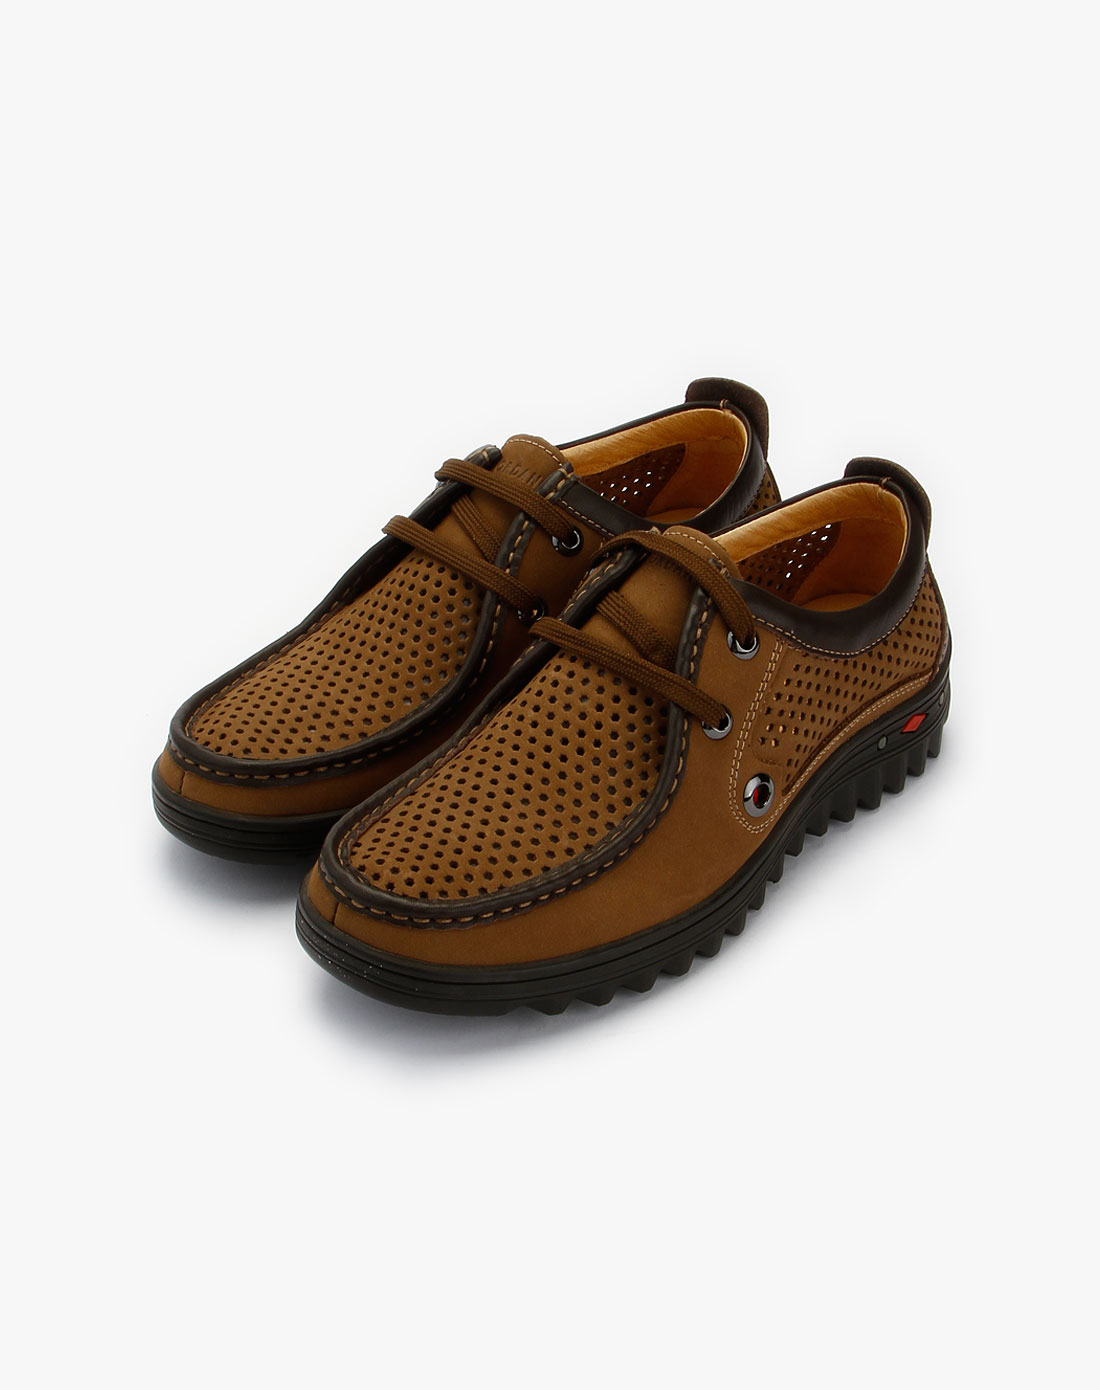 男式棕色皮鞋_鞋包网